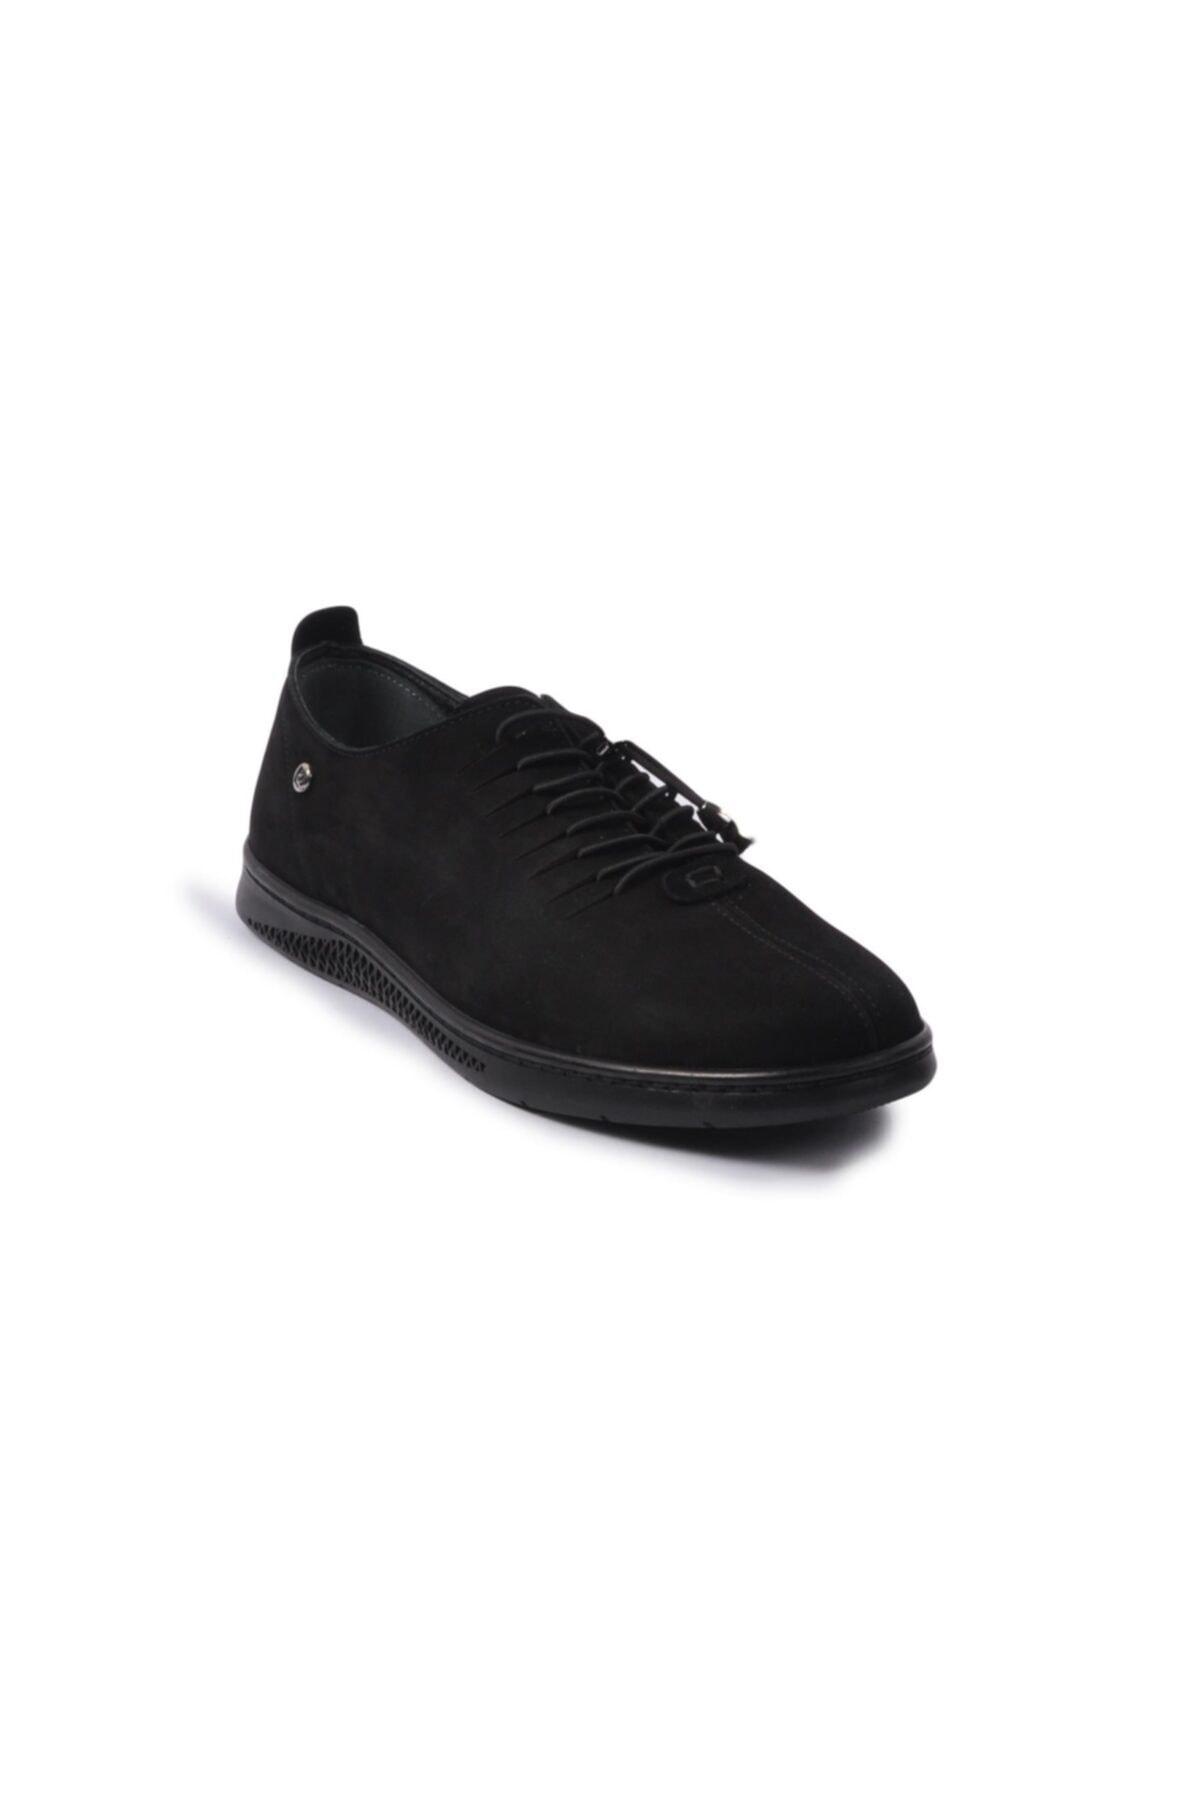 Pierre Cardin Siyah-nubuk Erkek Hakiki Deri Ayakkabı 1